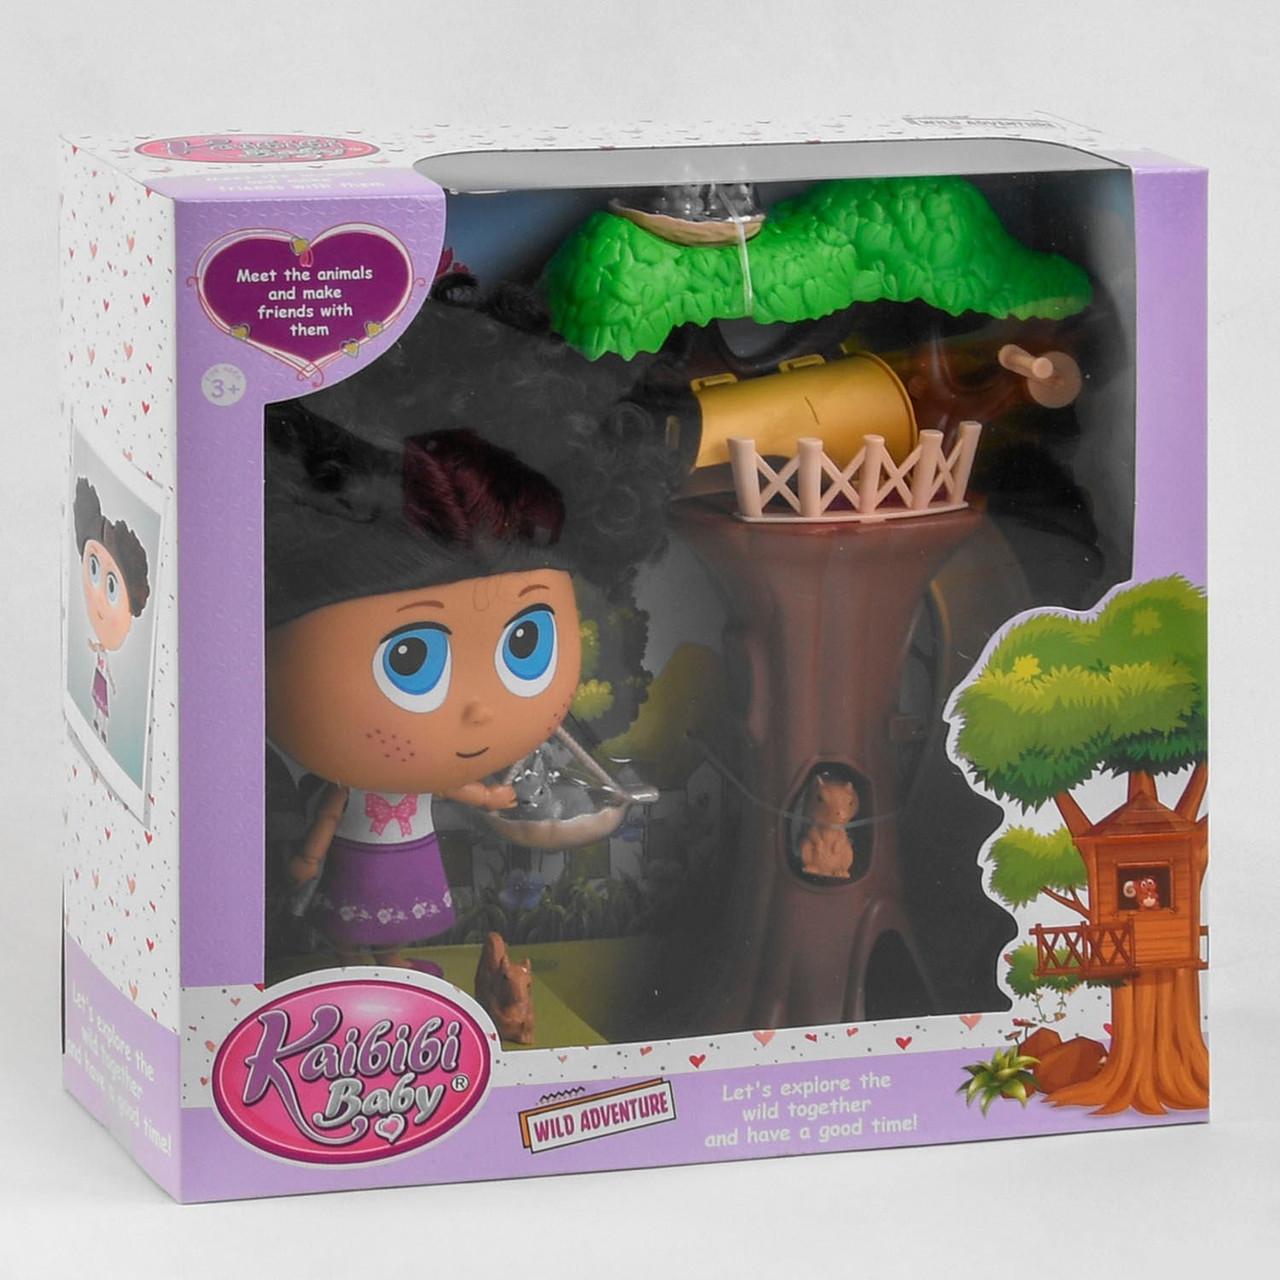 Лялька з аксесуарами BLD 326 дерево, 5 вихованців. Лялька для дівчаток